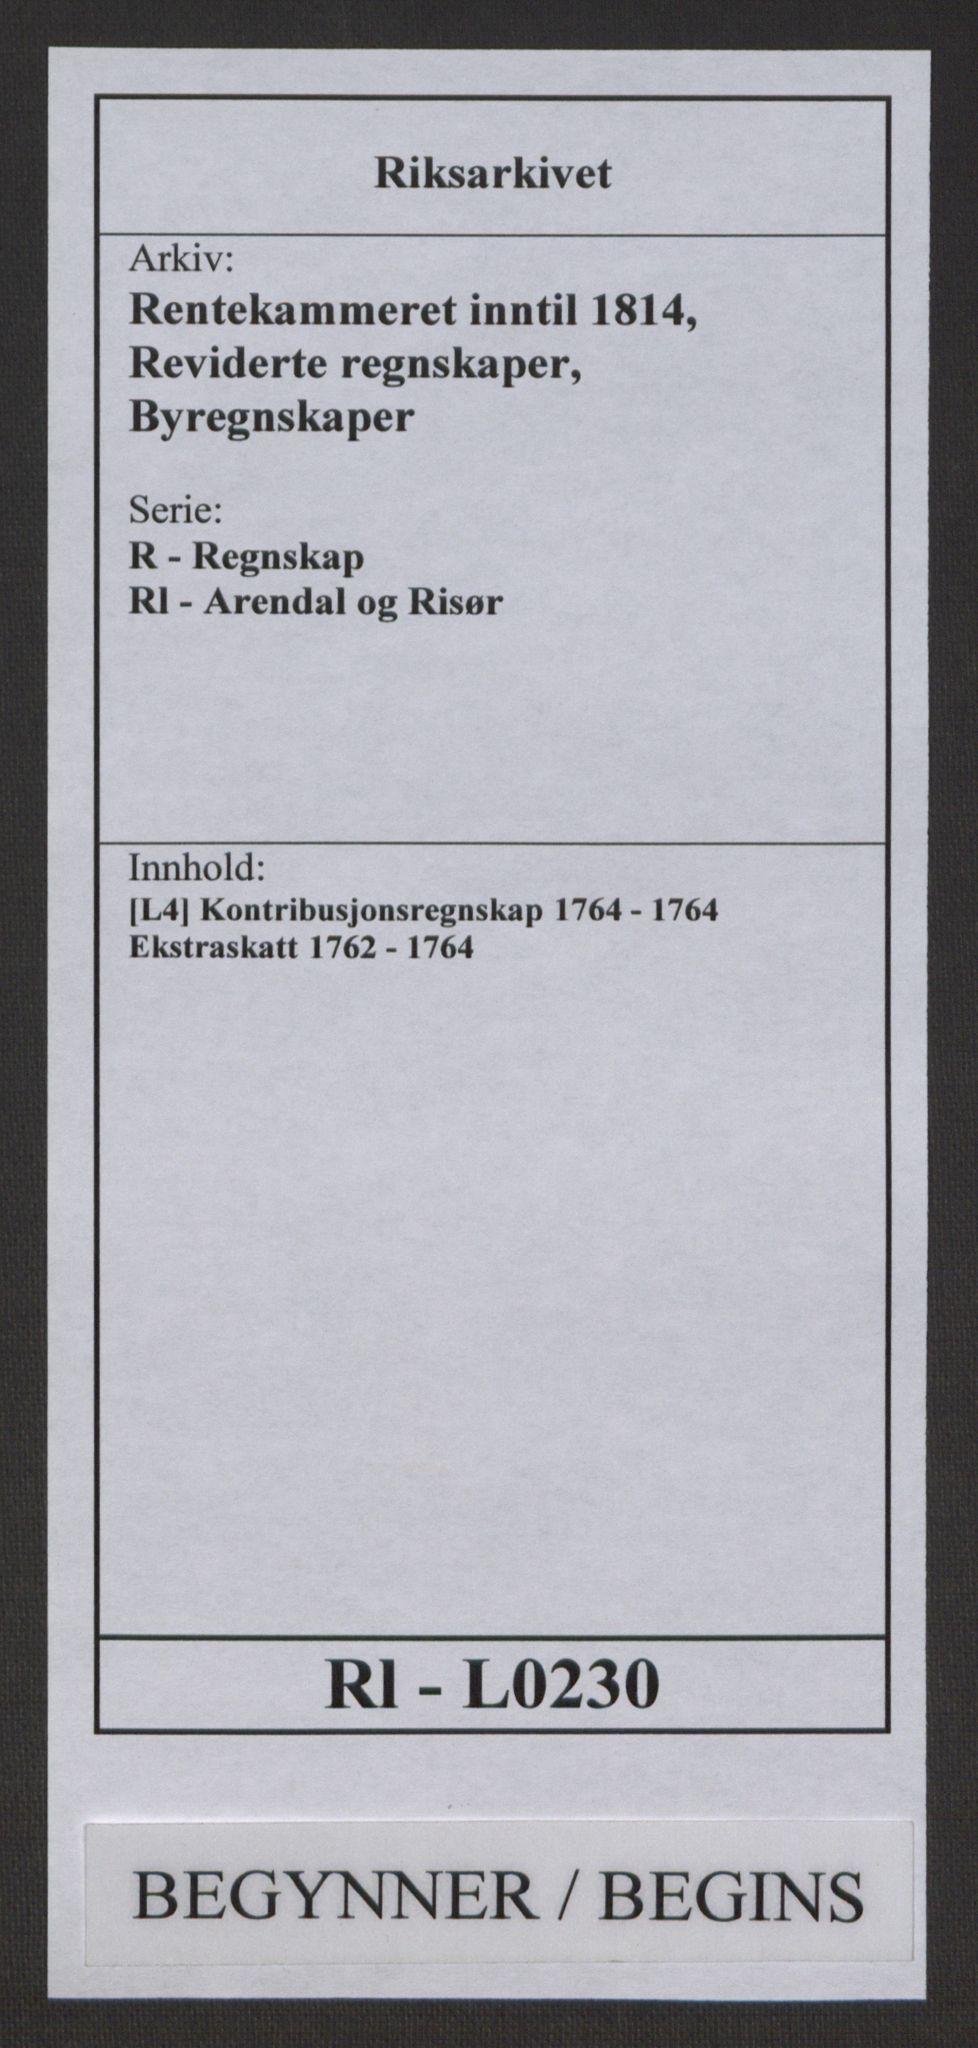 RA, Rentekammeret inntil 1814, Reviderte regnskaper, Byregnskaper, R/Rl/L0230: [L4] Kontribusjonsregnskap, 1762-1764, s. 1